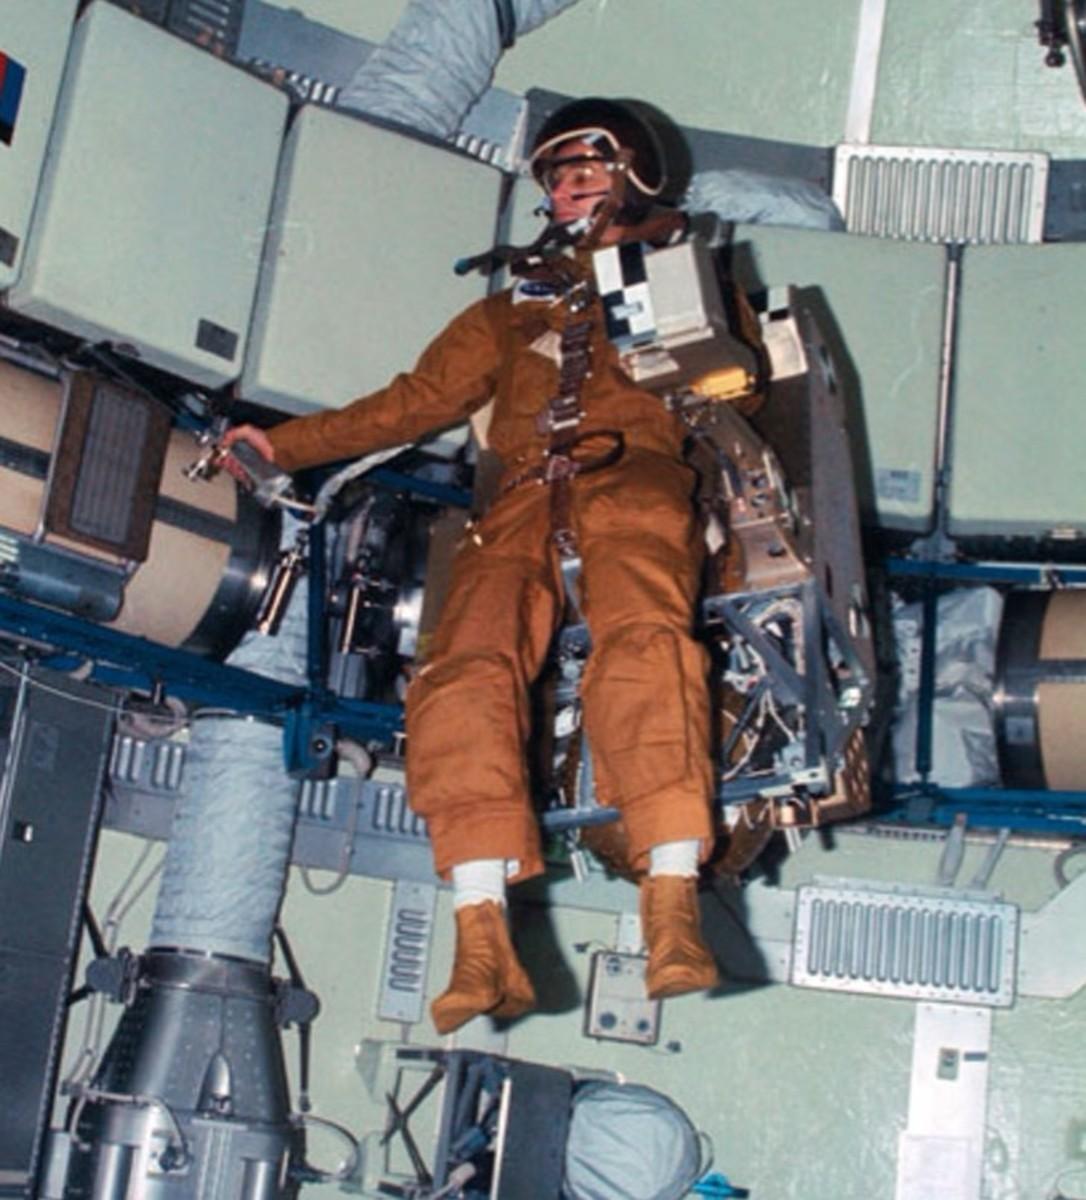 Conducting the astronaut maneuvering equipment experiment ...